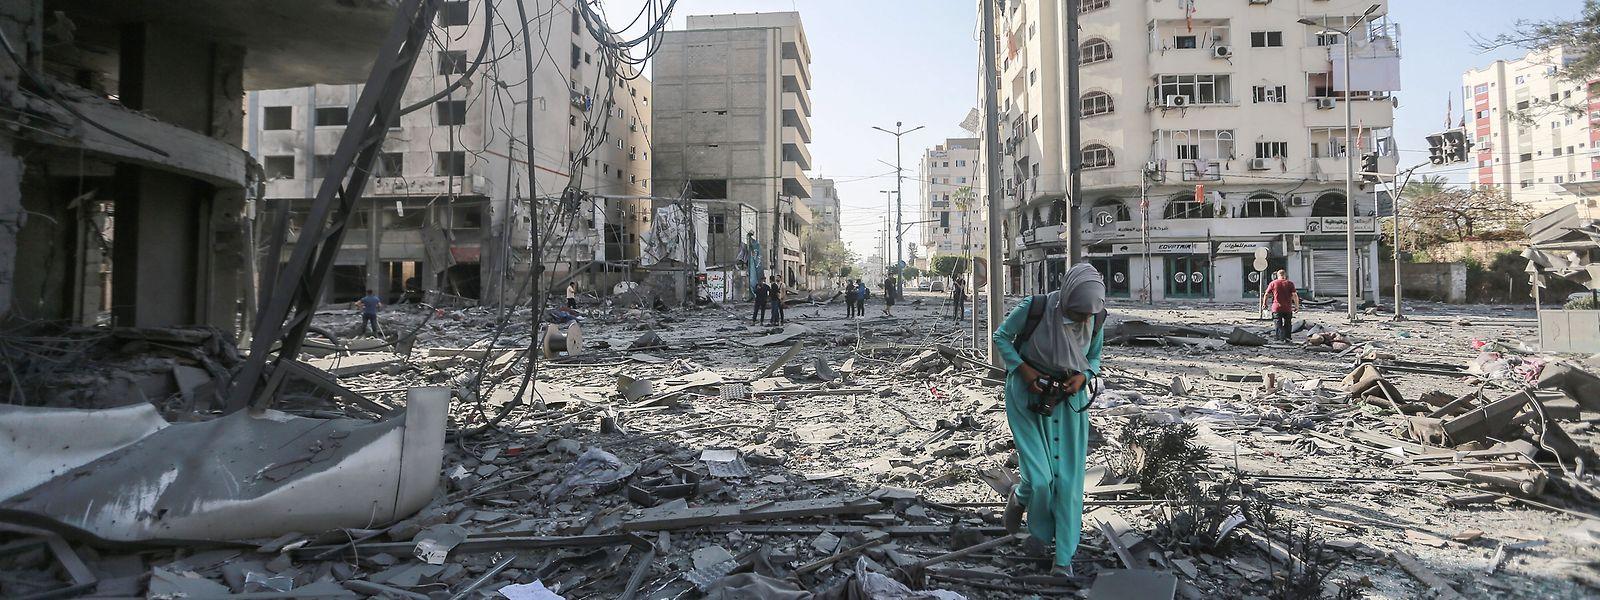 Eine Fotografin geht durch die Trümmer des schwer beschädigten Al-Jawhara-Turm, nachdem der Turm von israelischen Luftangriffen getroffen worden war.